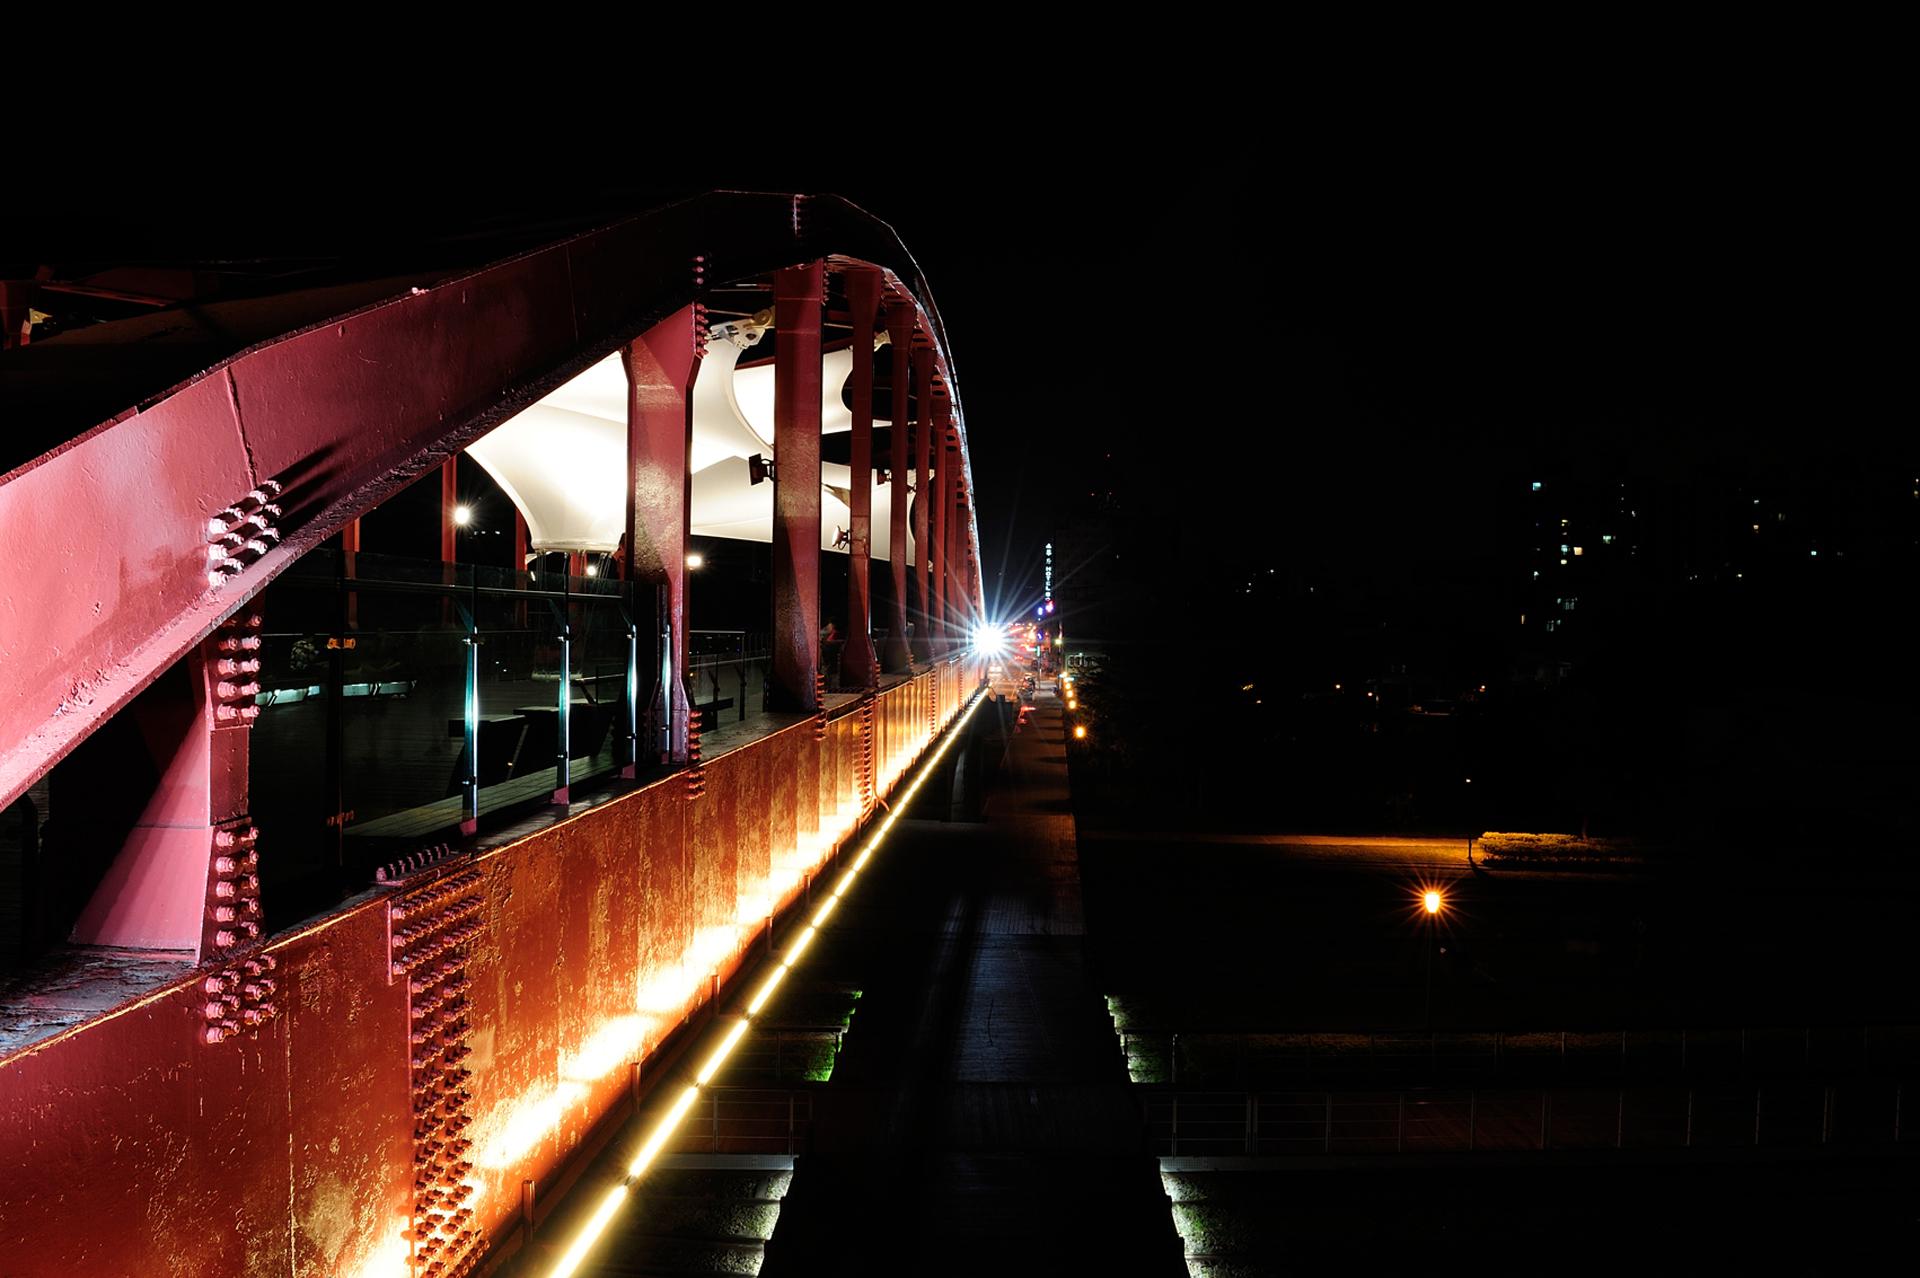 桥梁景观光雕设计|城市的记忆 高雄公园陆桥夜间景观照明